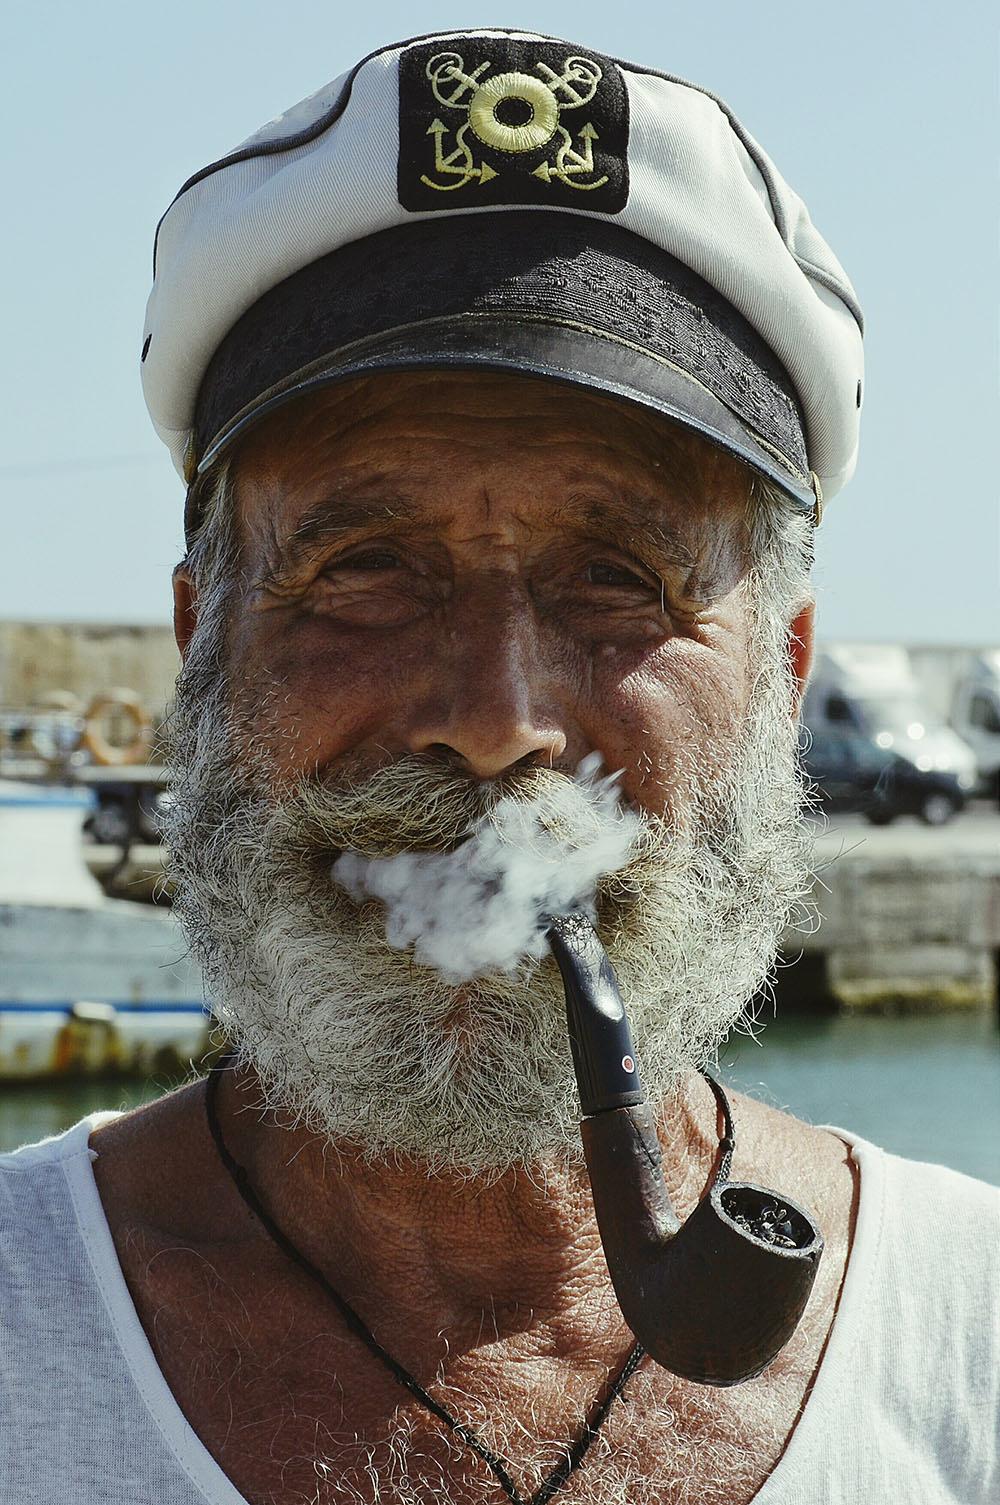 Oude man met volle baard